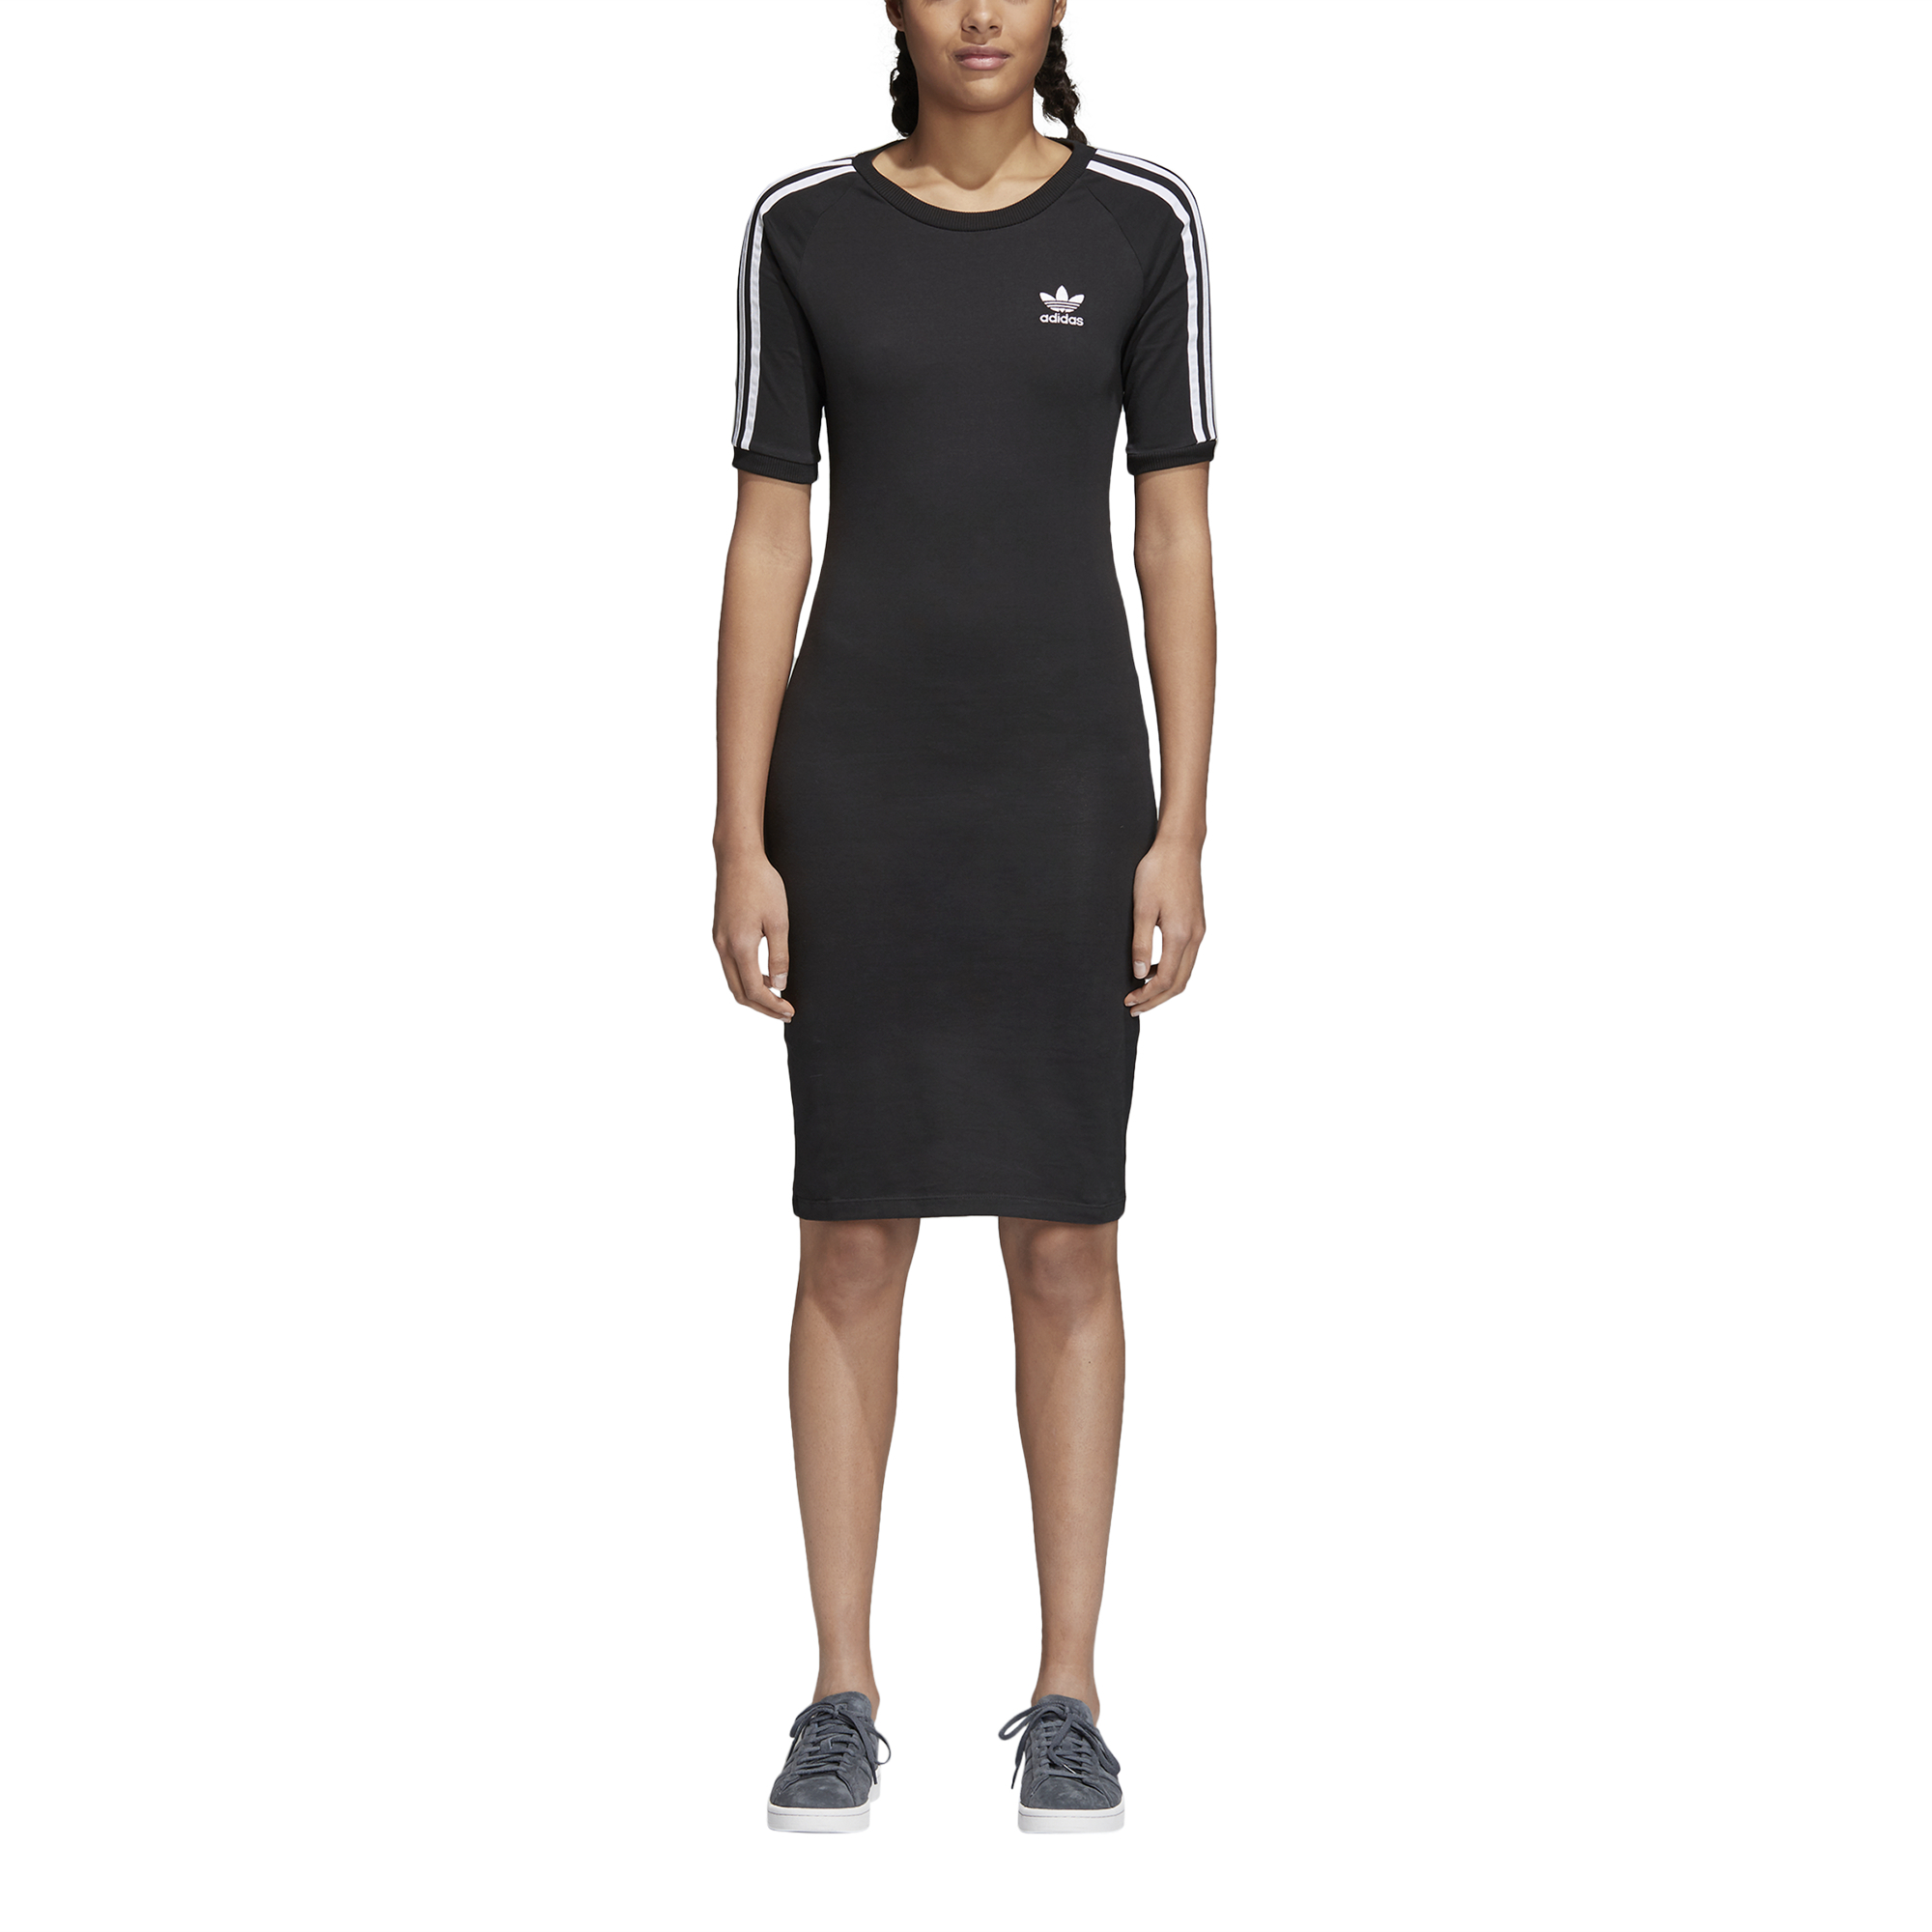 afb62105703a6a sukienka damska sportowa adidas r 38 CY4748 - 7852920445 - oficjalne ...